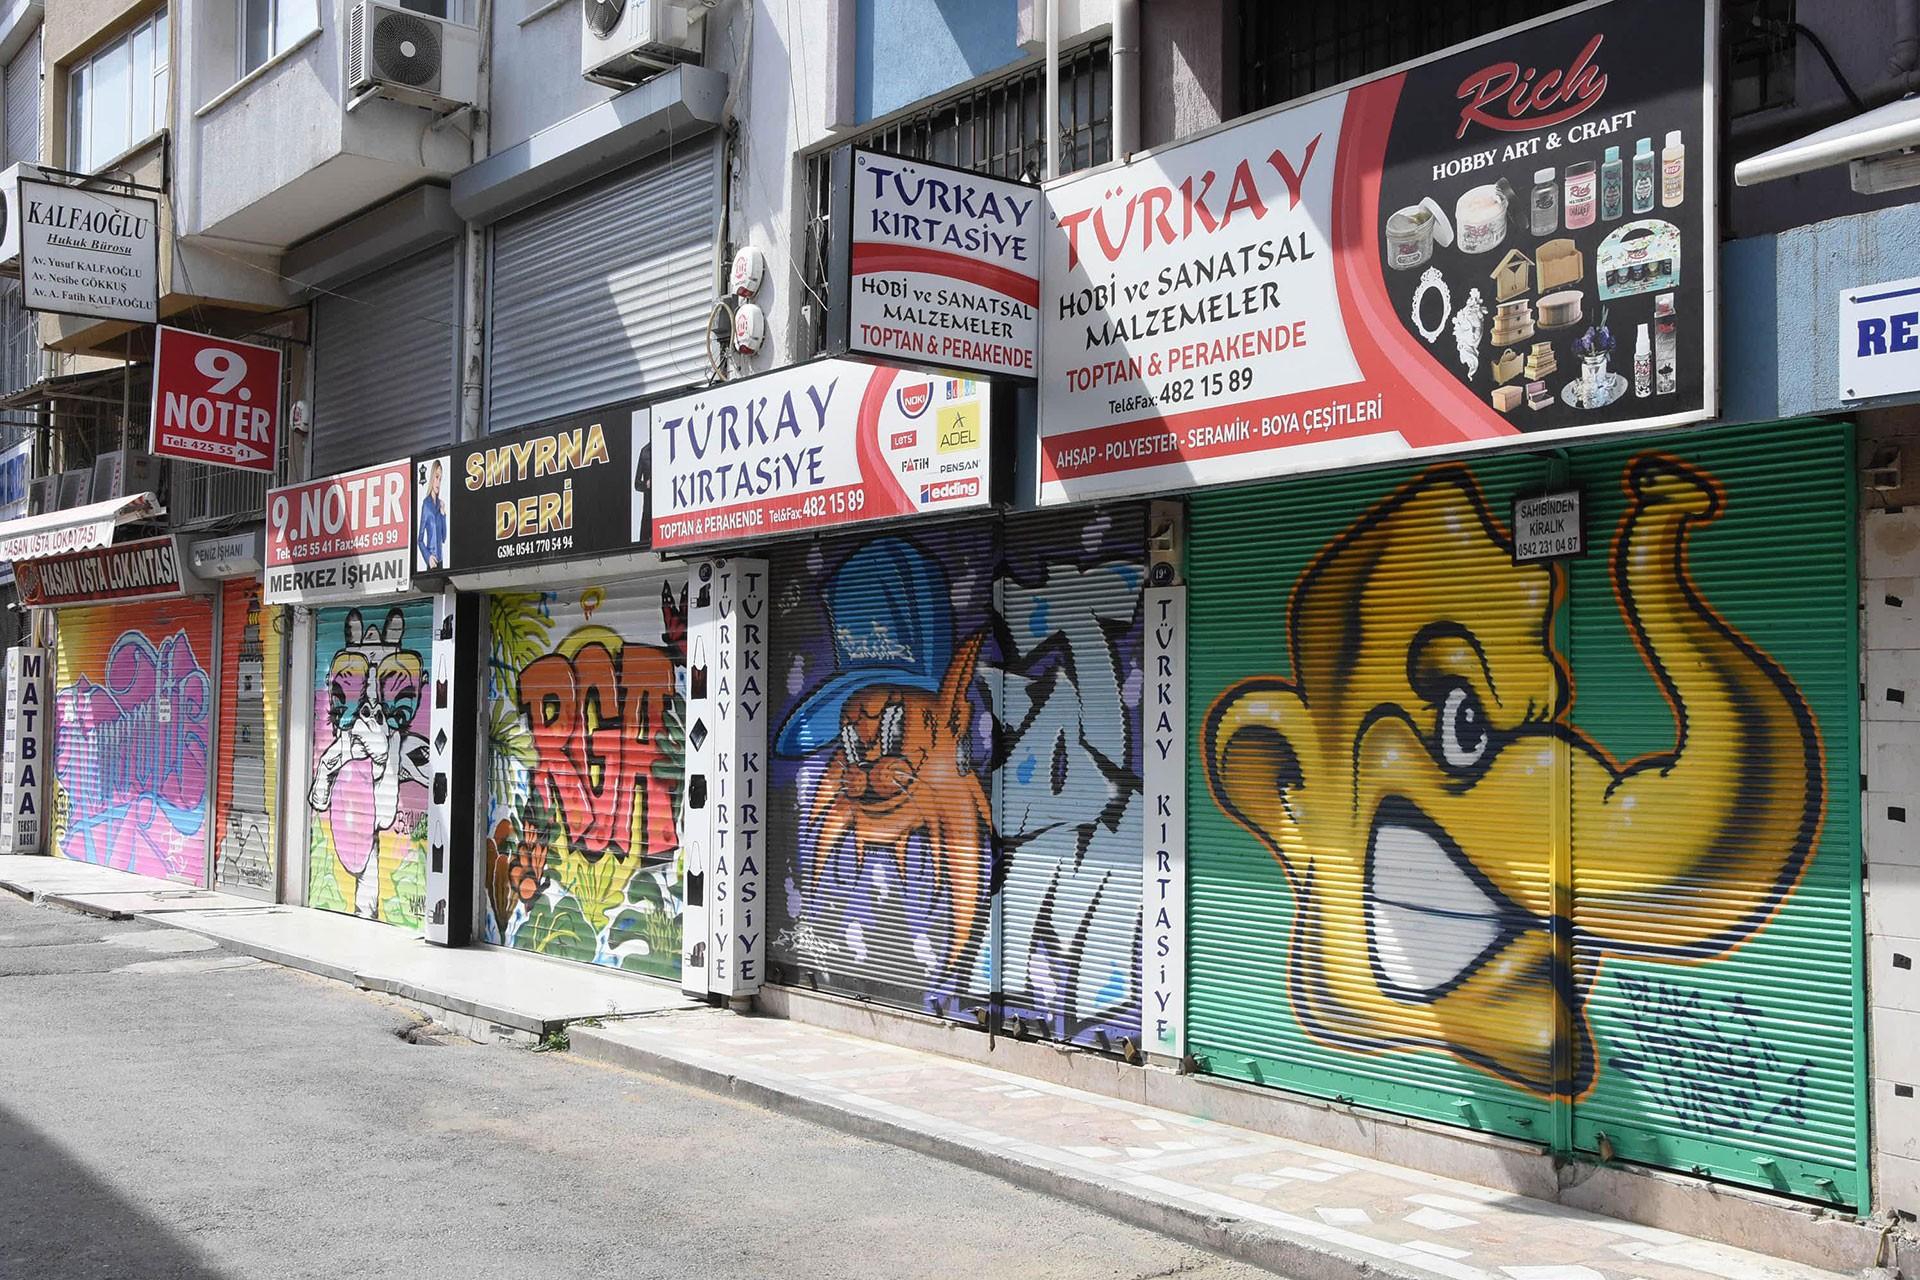 Kemeraltı Çarşısı'ndaki iş yerlerinin kepenklerine çizilen grafitiler.